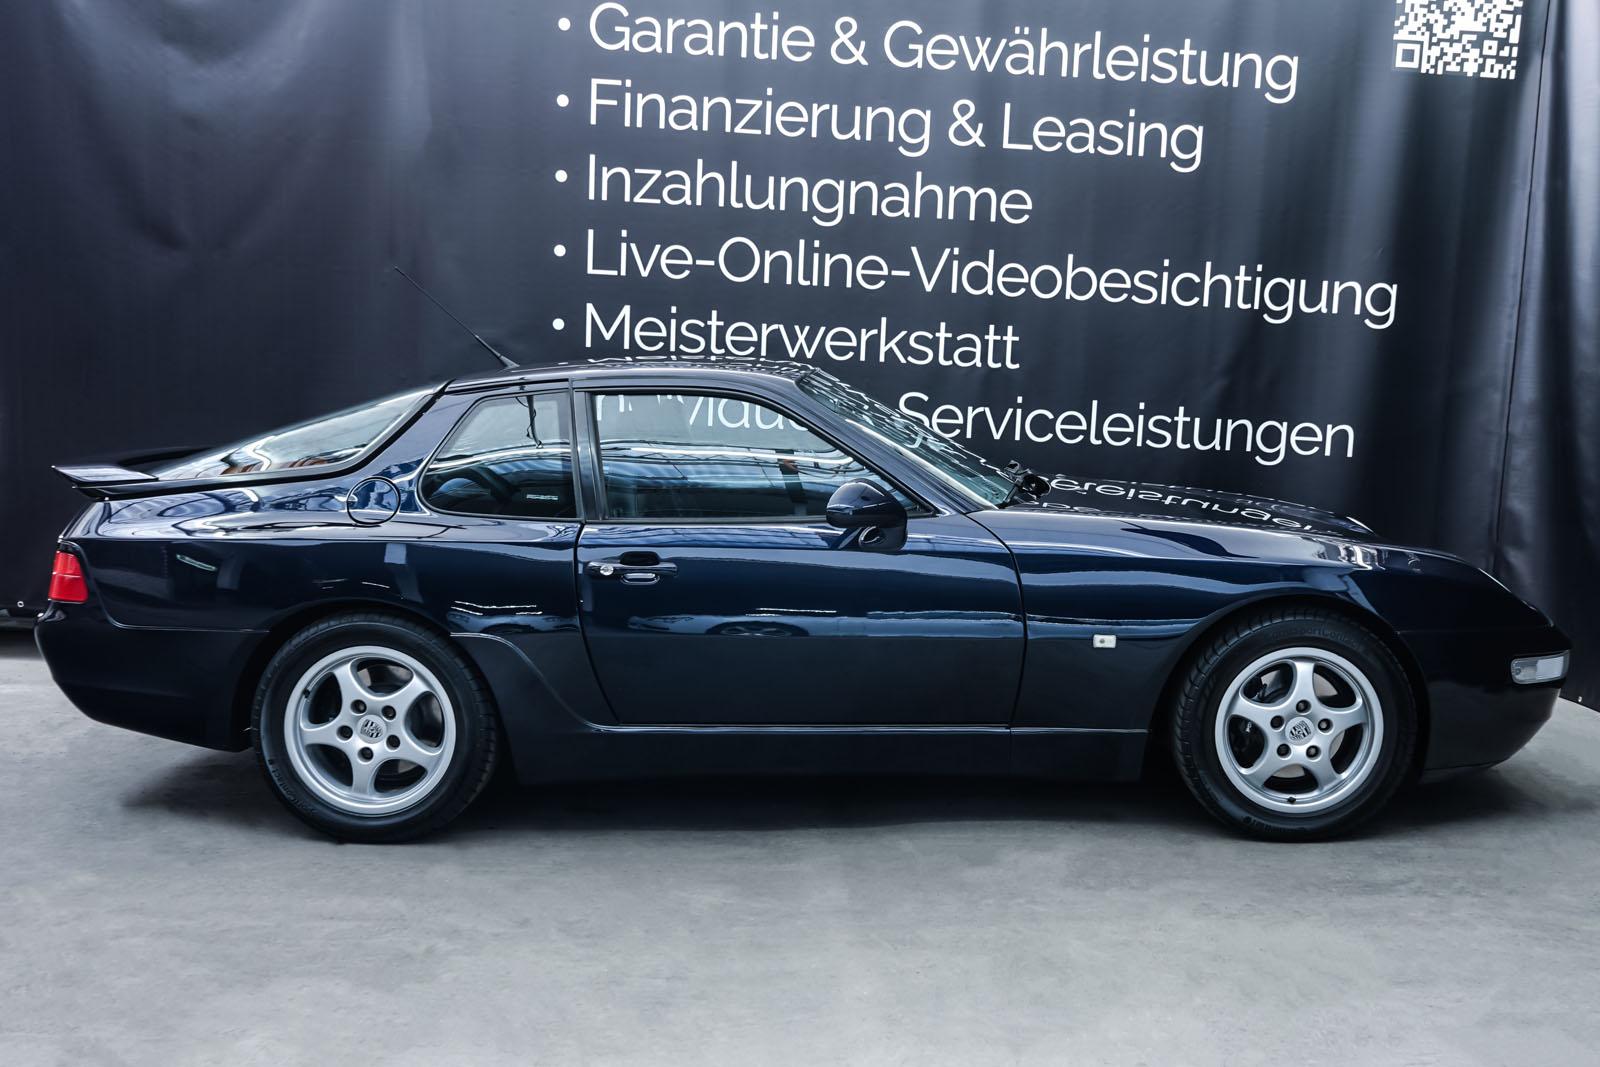 Porsche_968_Blau_Blau_POR-1736_14_w